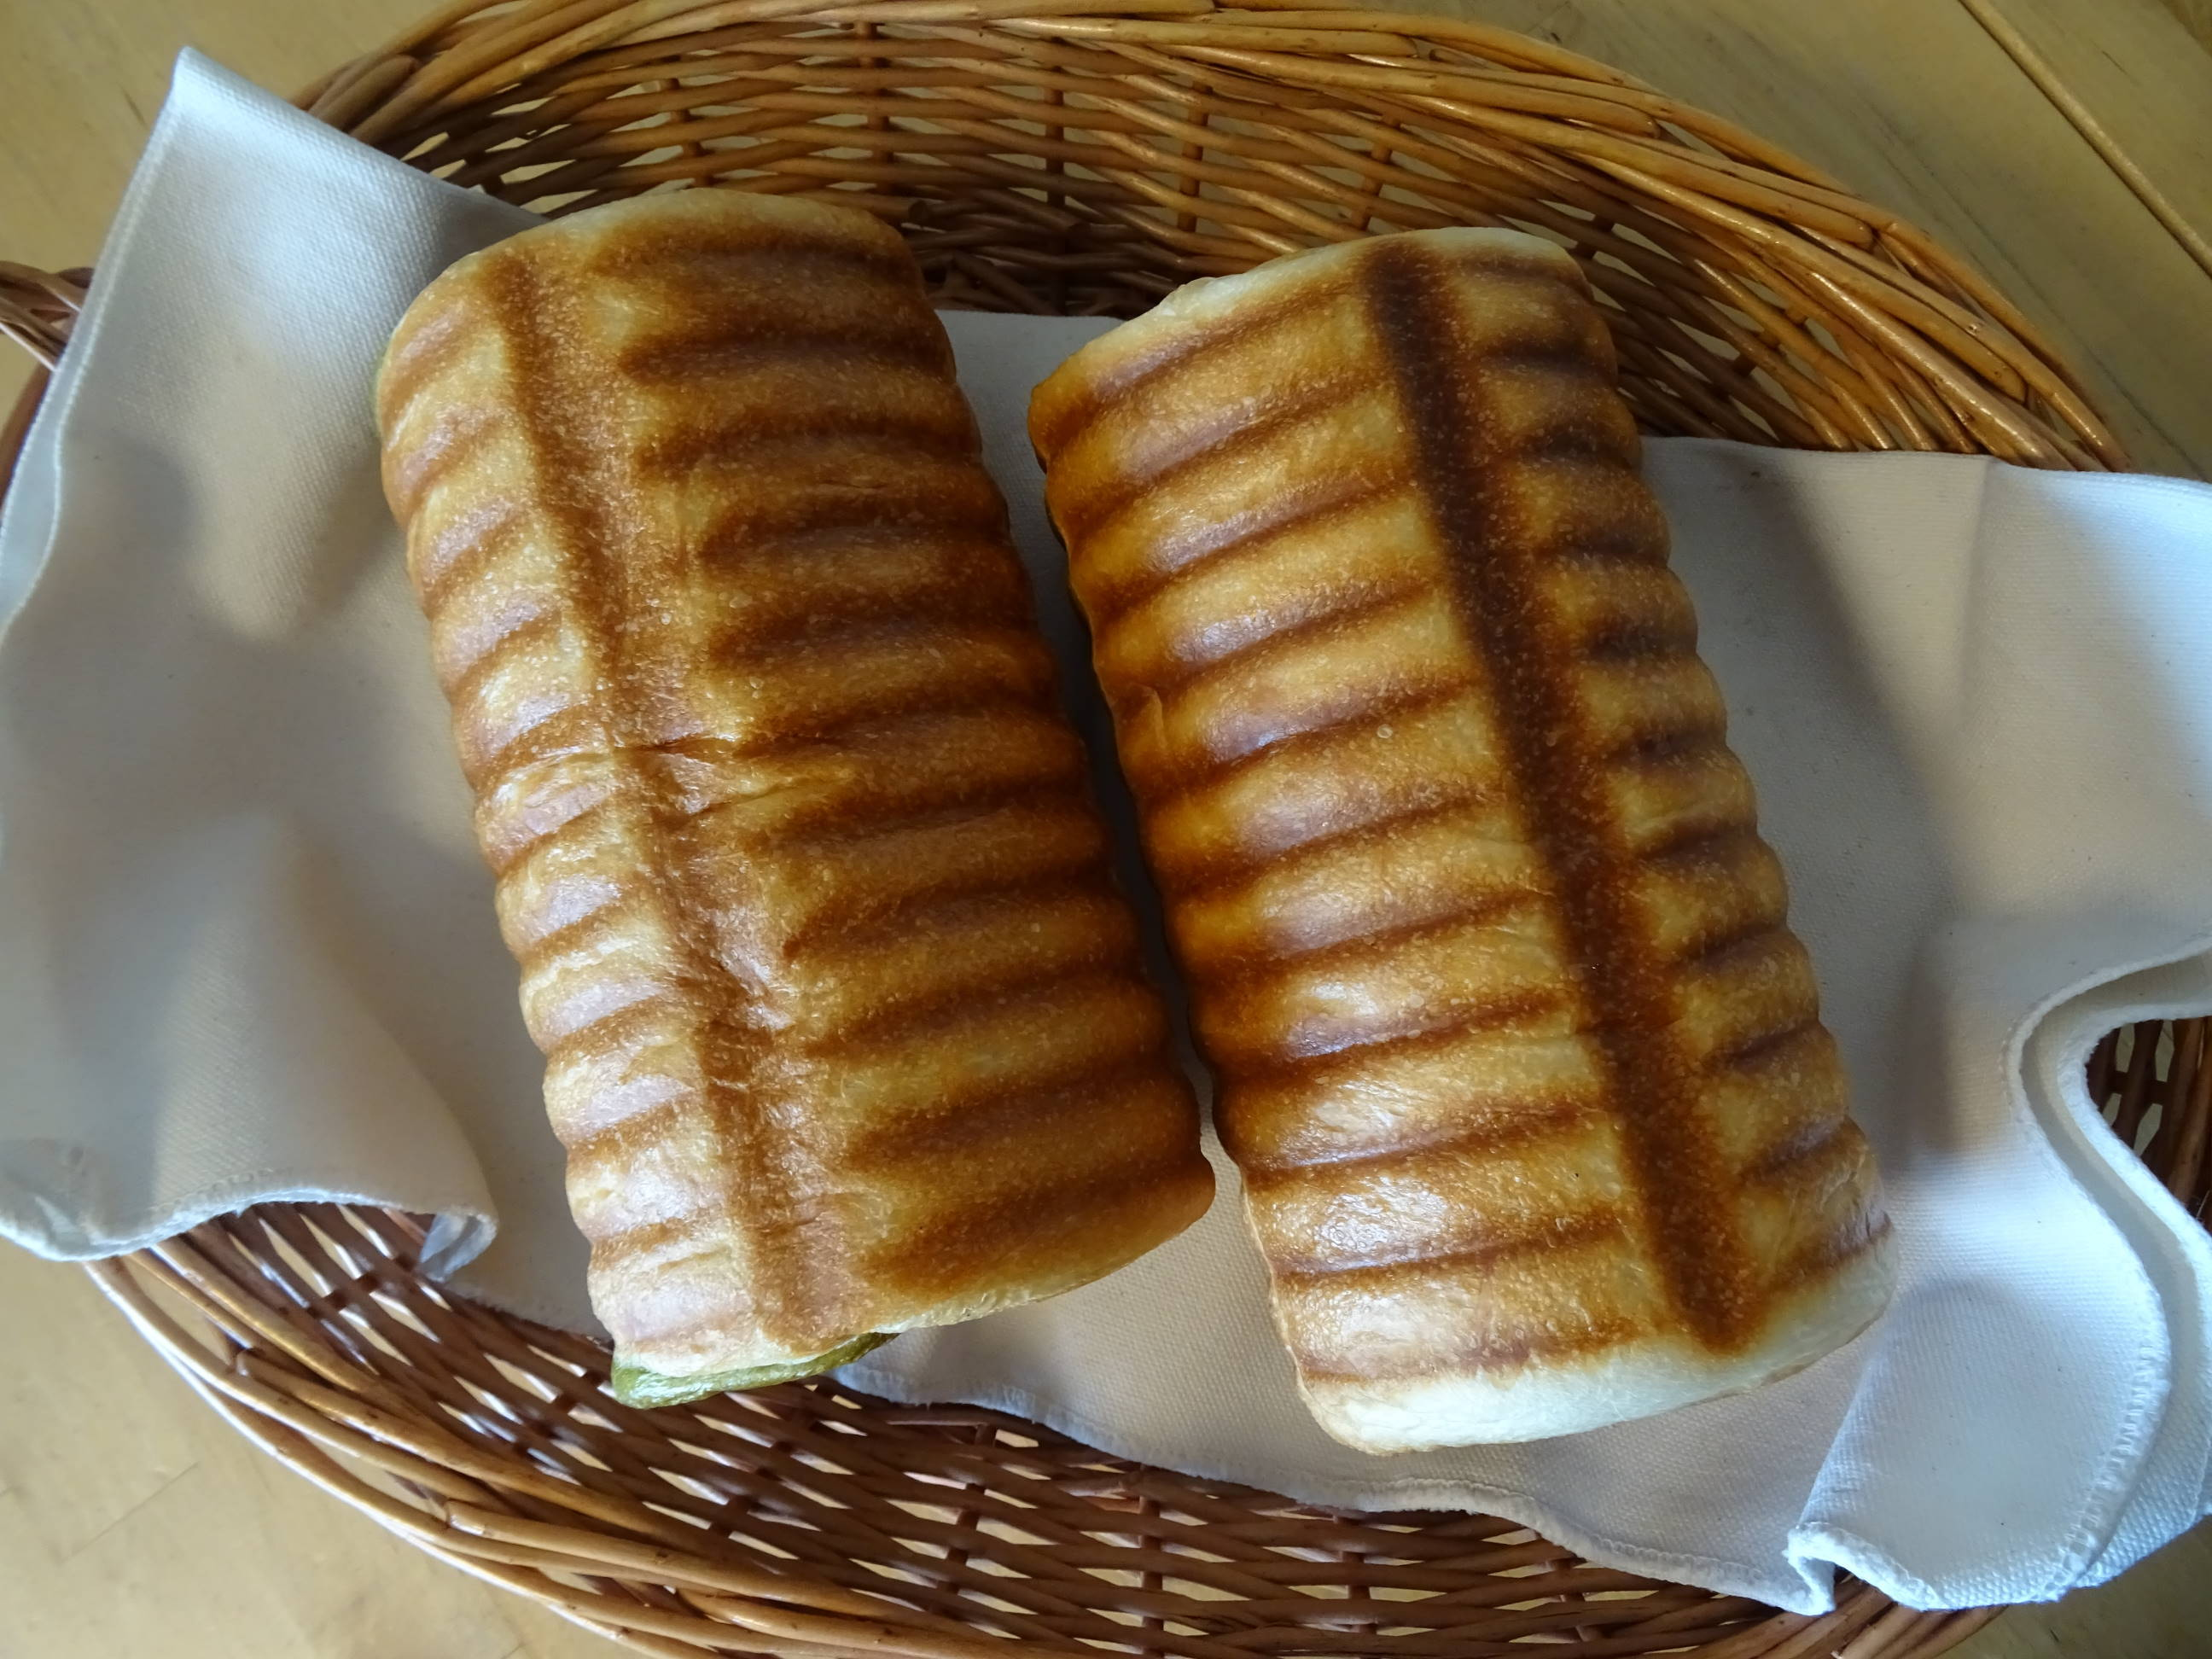 大納言と抹茶の渦巻きパン1